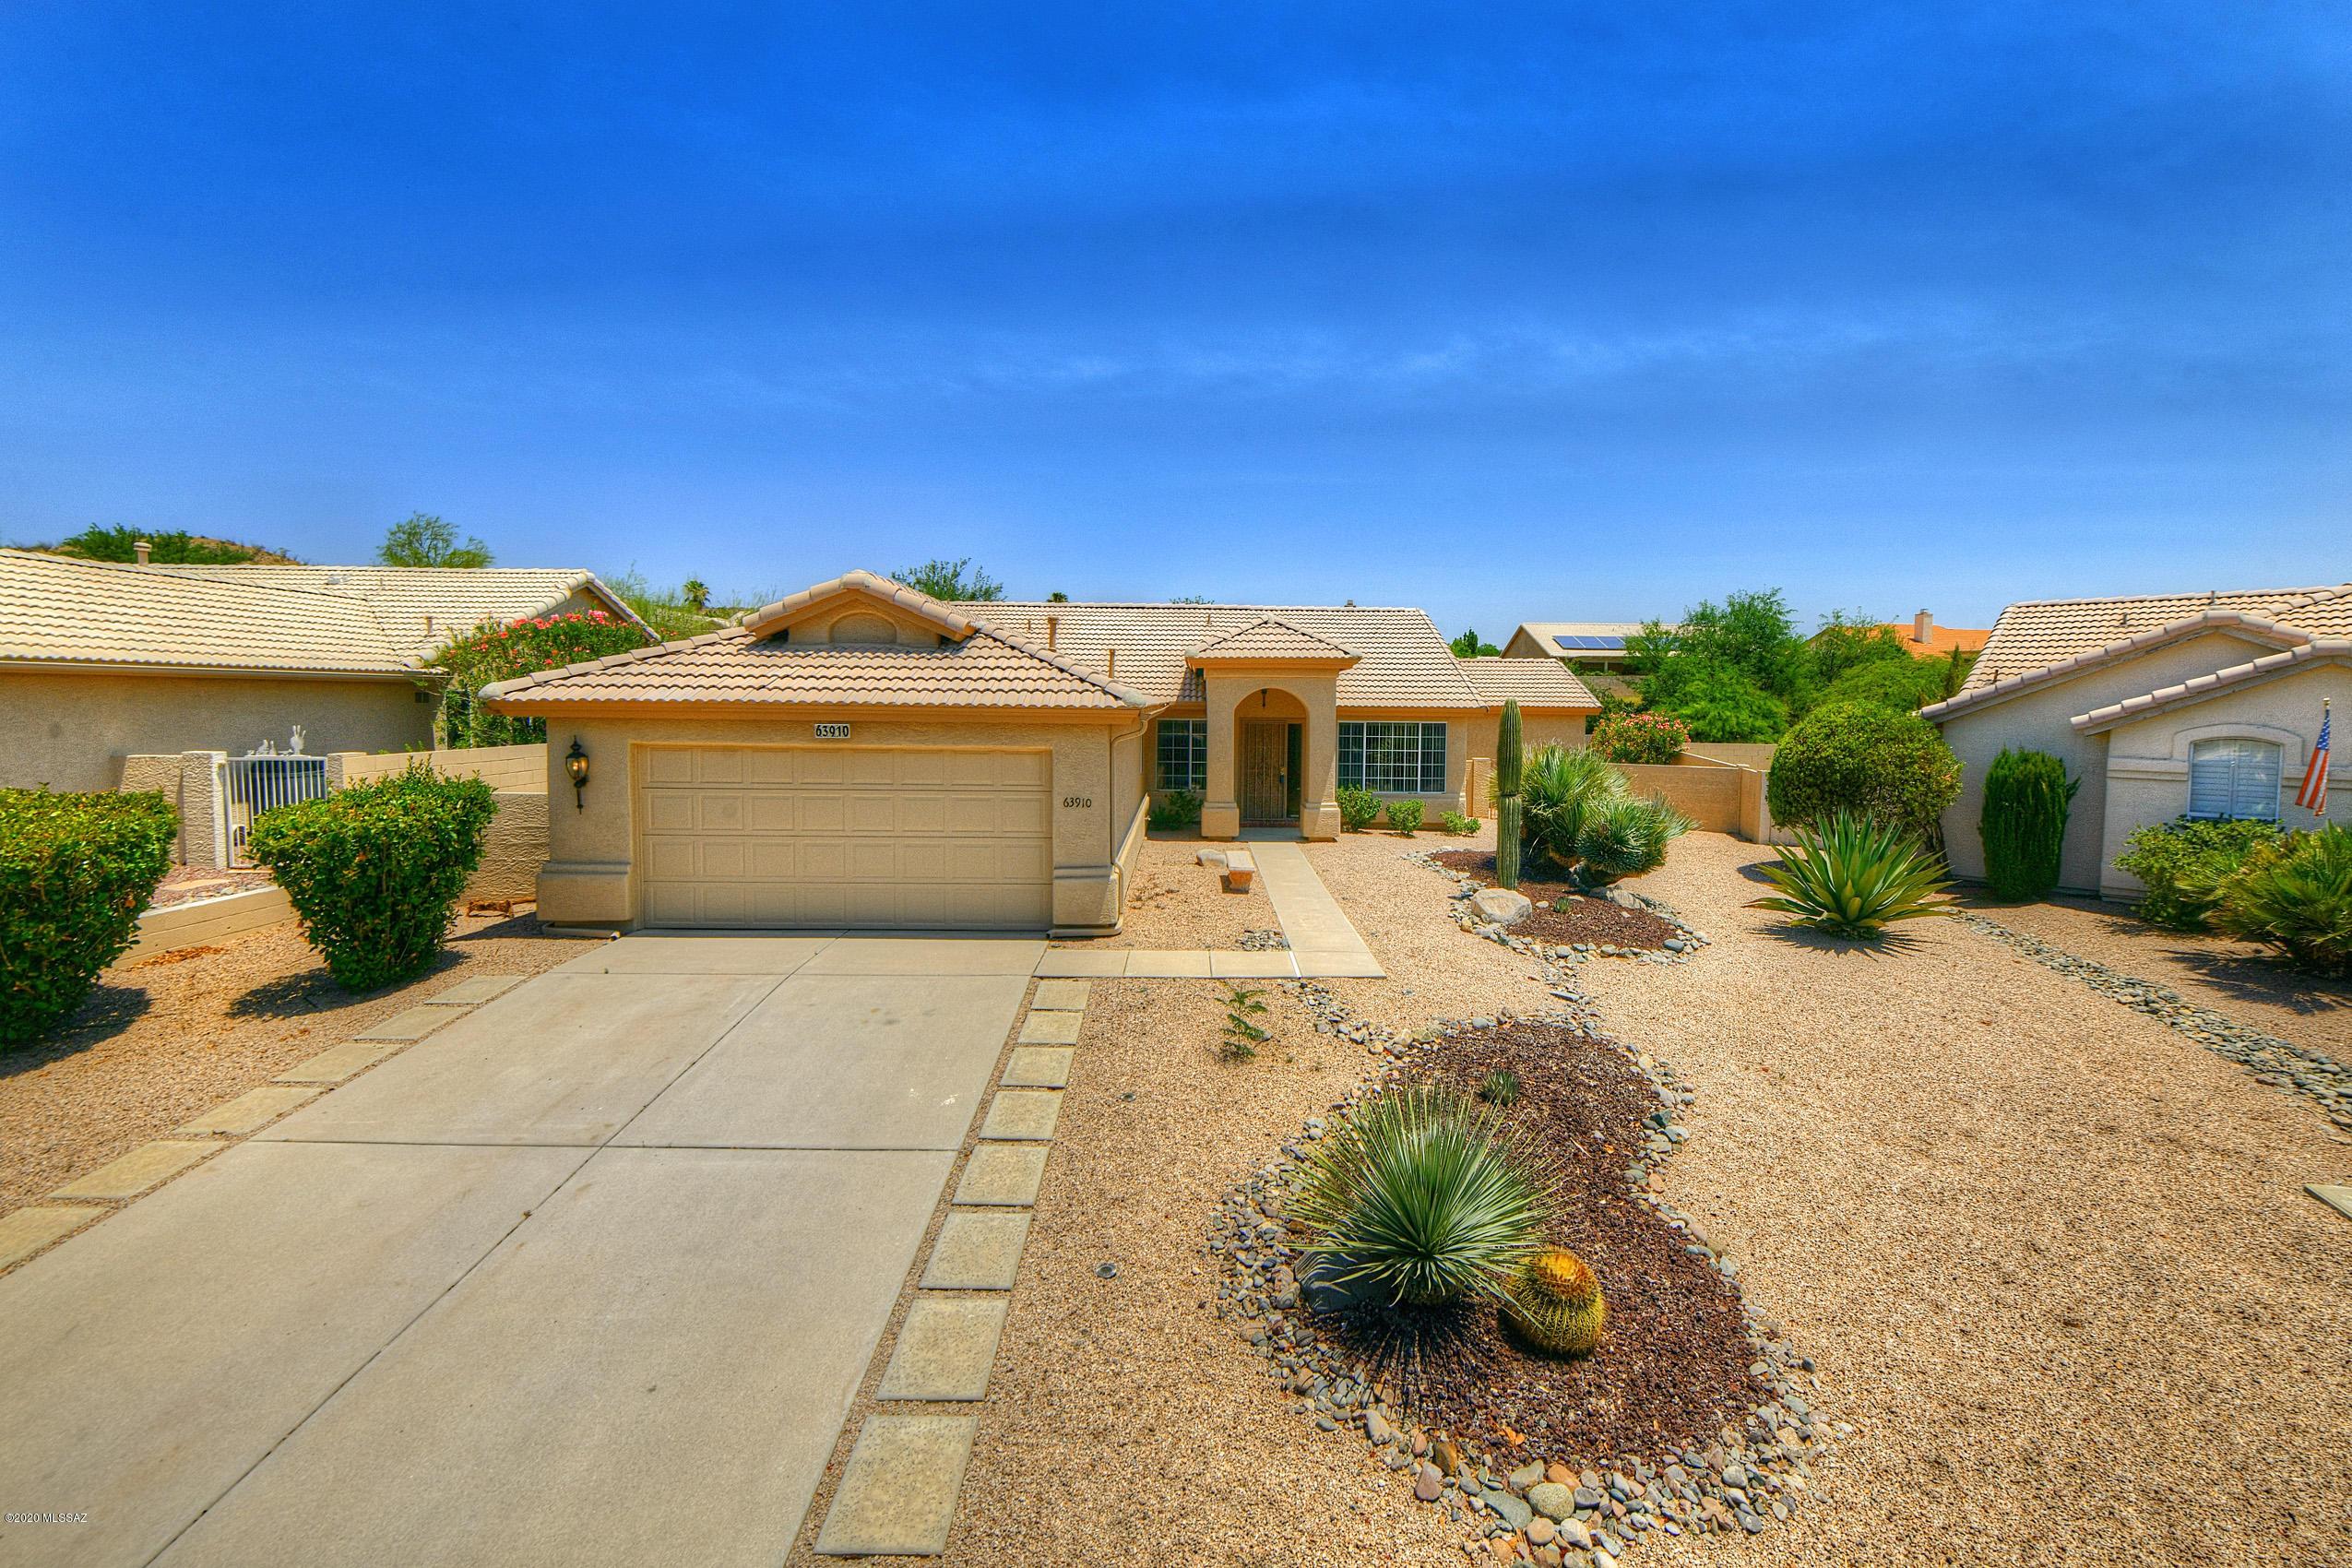 Photo of 63910 E Squash Blossom Lane, Saddlebrooke, AZ 85739